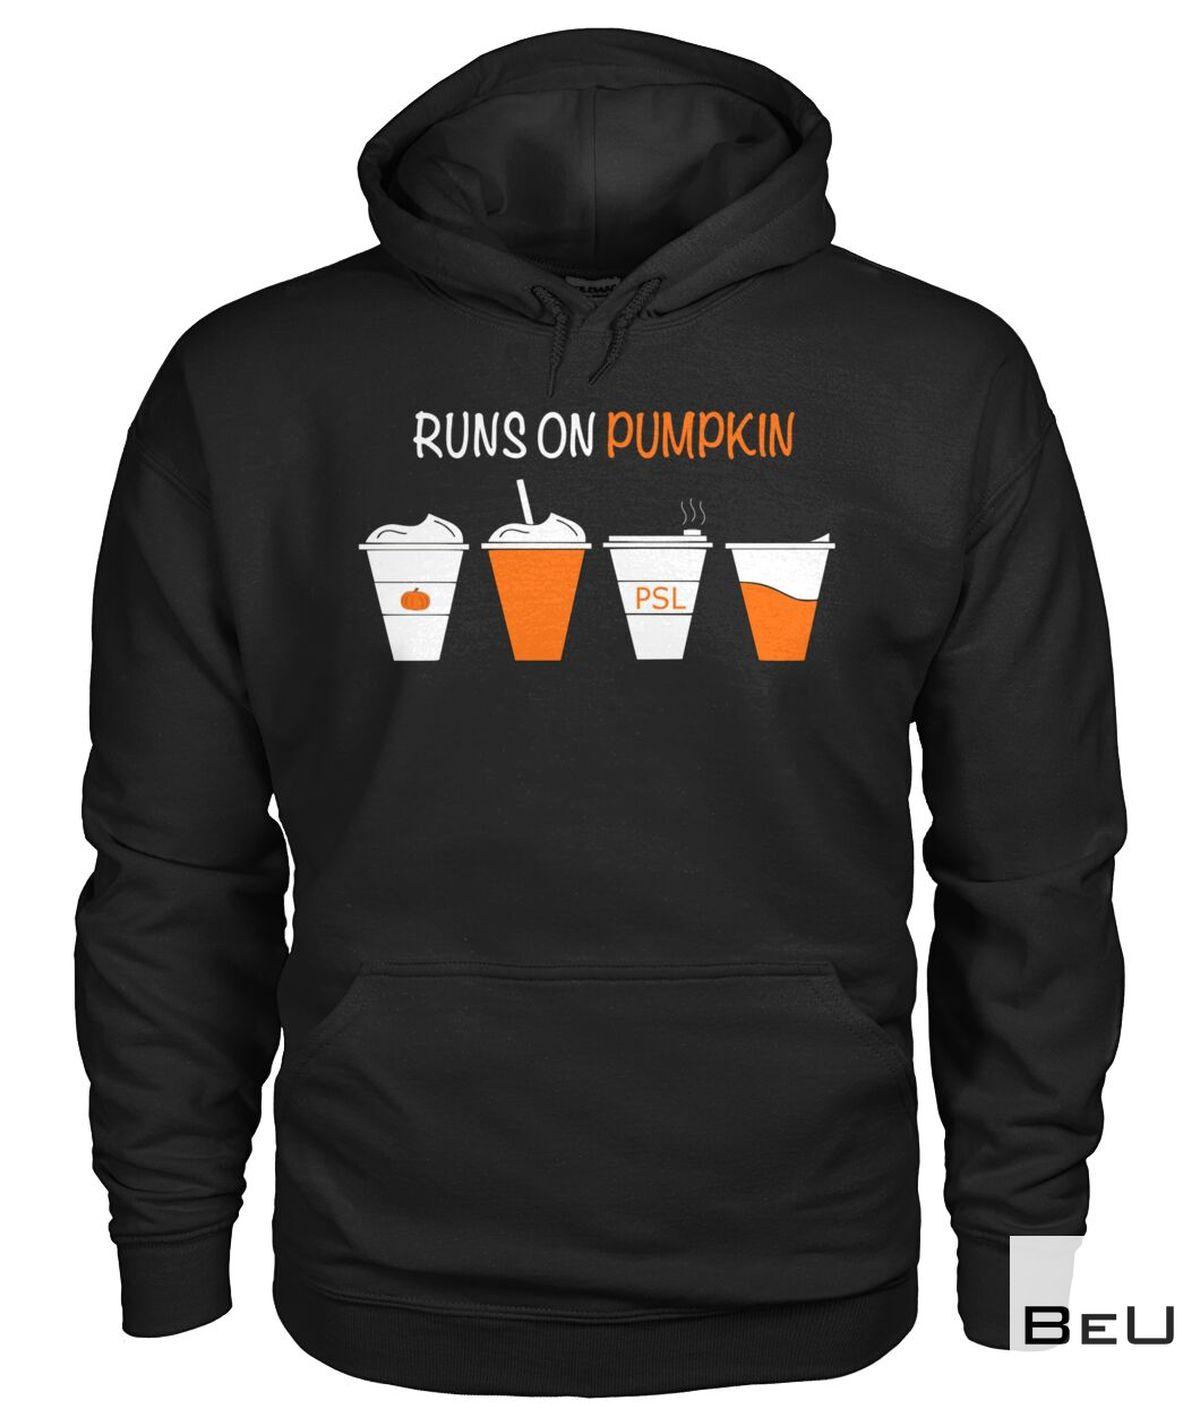 Runs On Pumpkin Shirt, hoodie